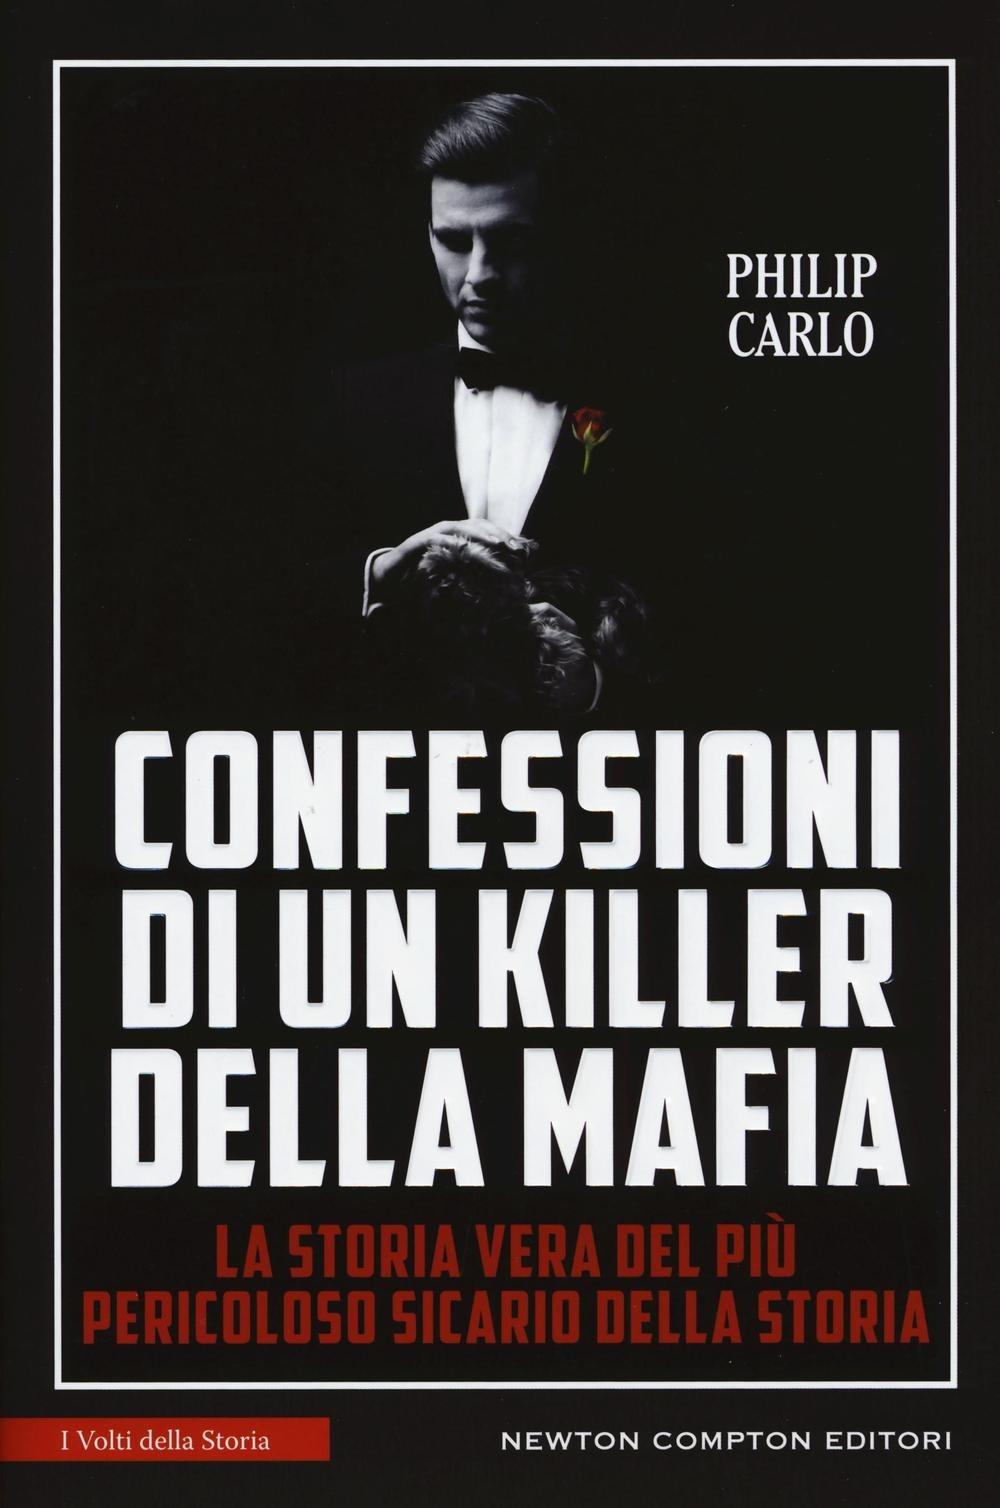 Image of Confessioni di un killer della mafia